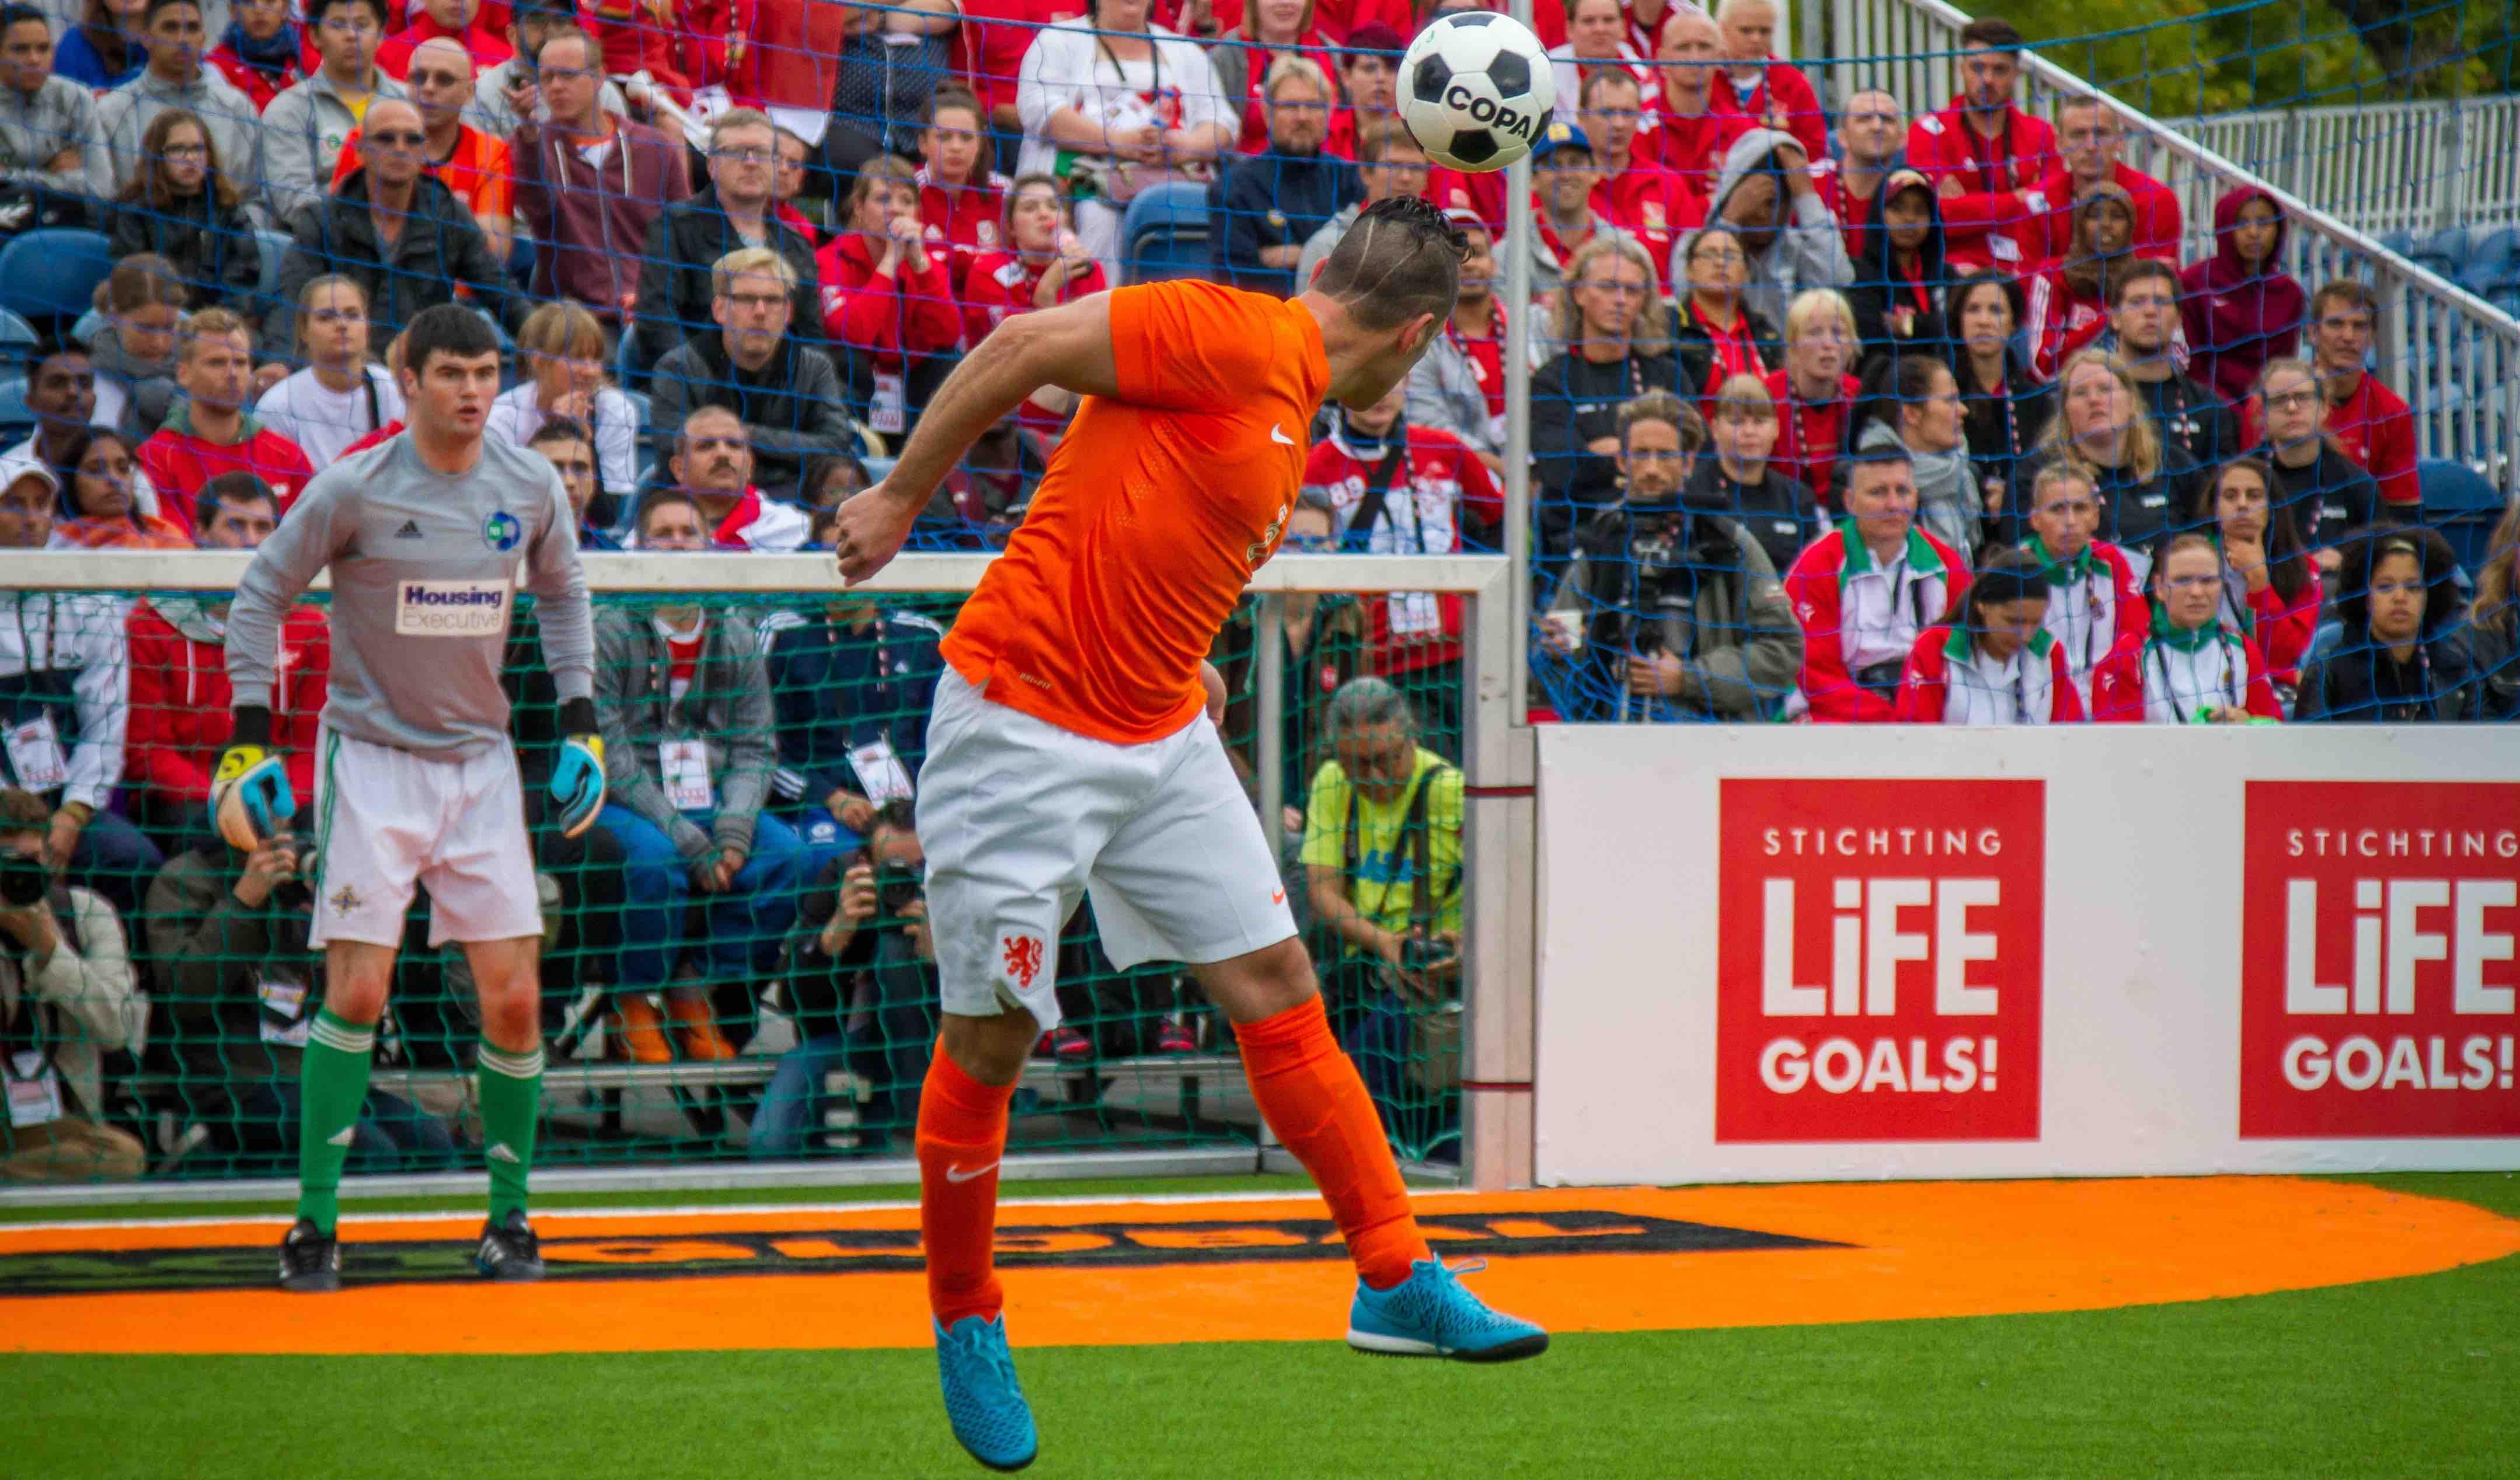 Utrecht wint bid voor European Life Goals Games 2021